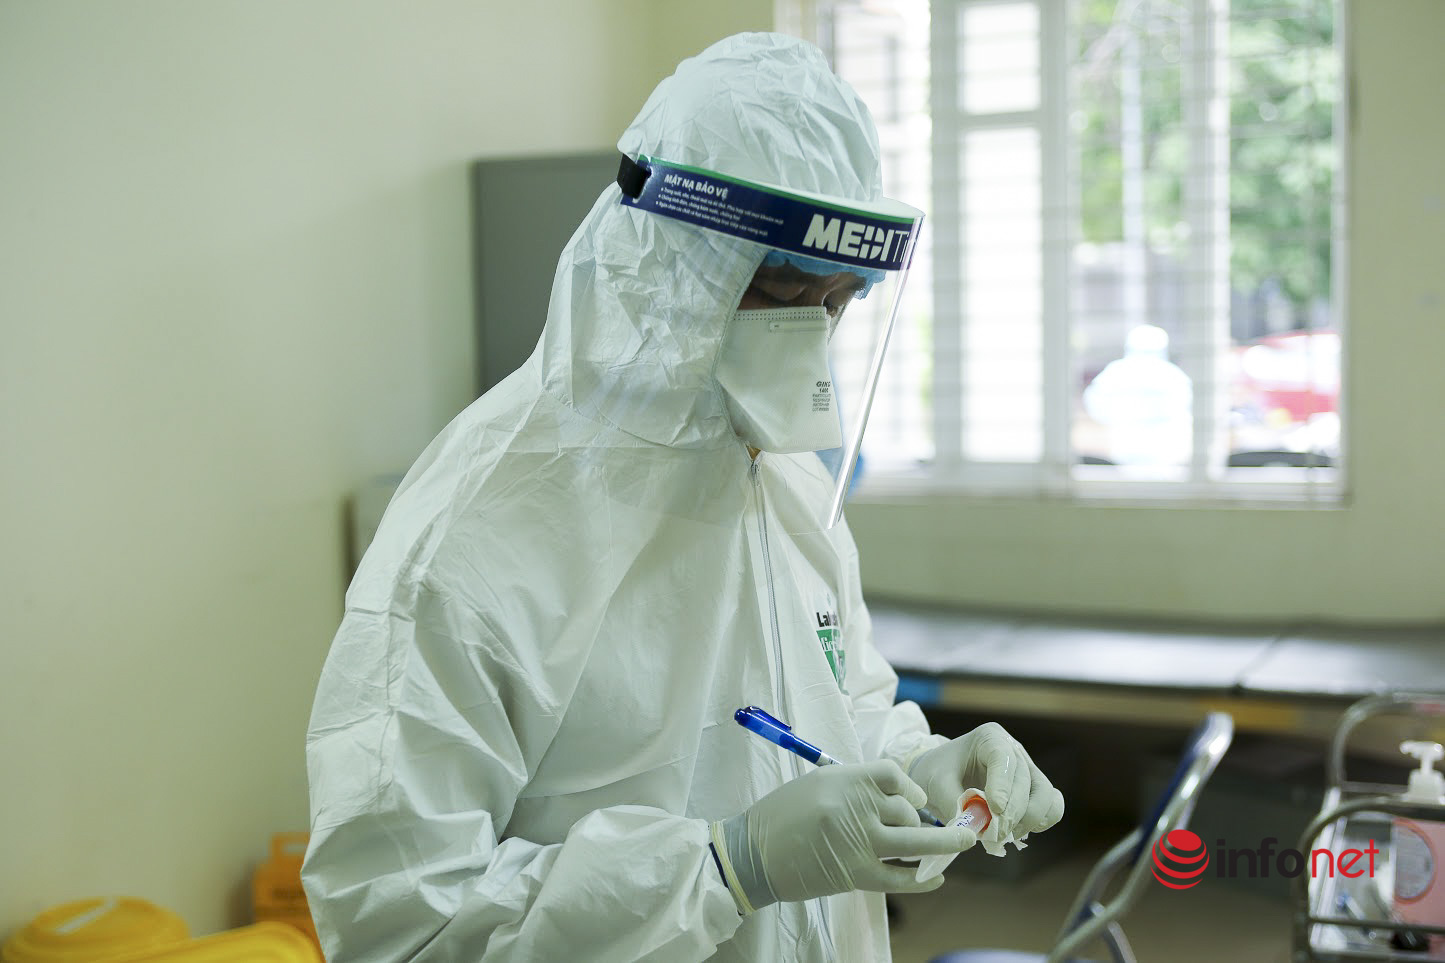 Hà Nội: Lấy mẫu xét nghiệm SARS-CoV-2 cho hơn 500 người từ Hải Dương về